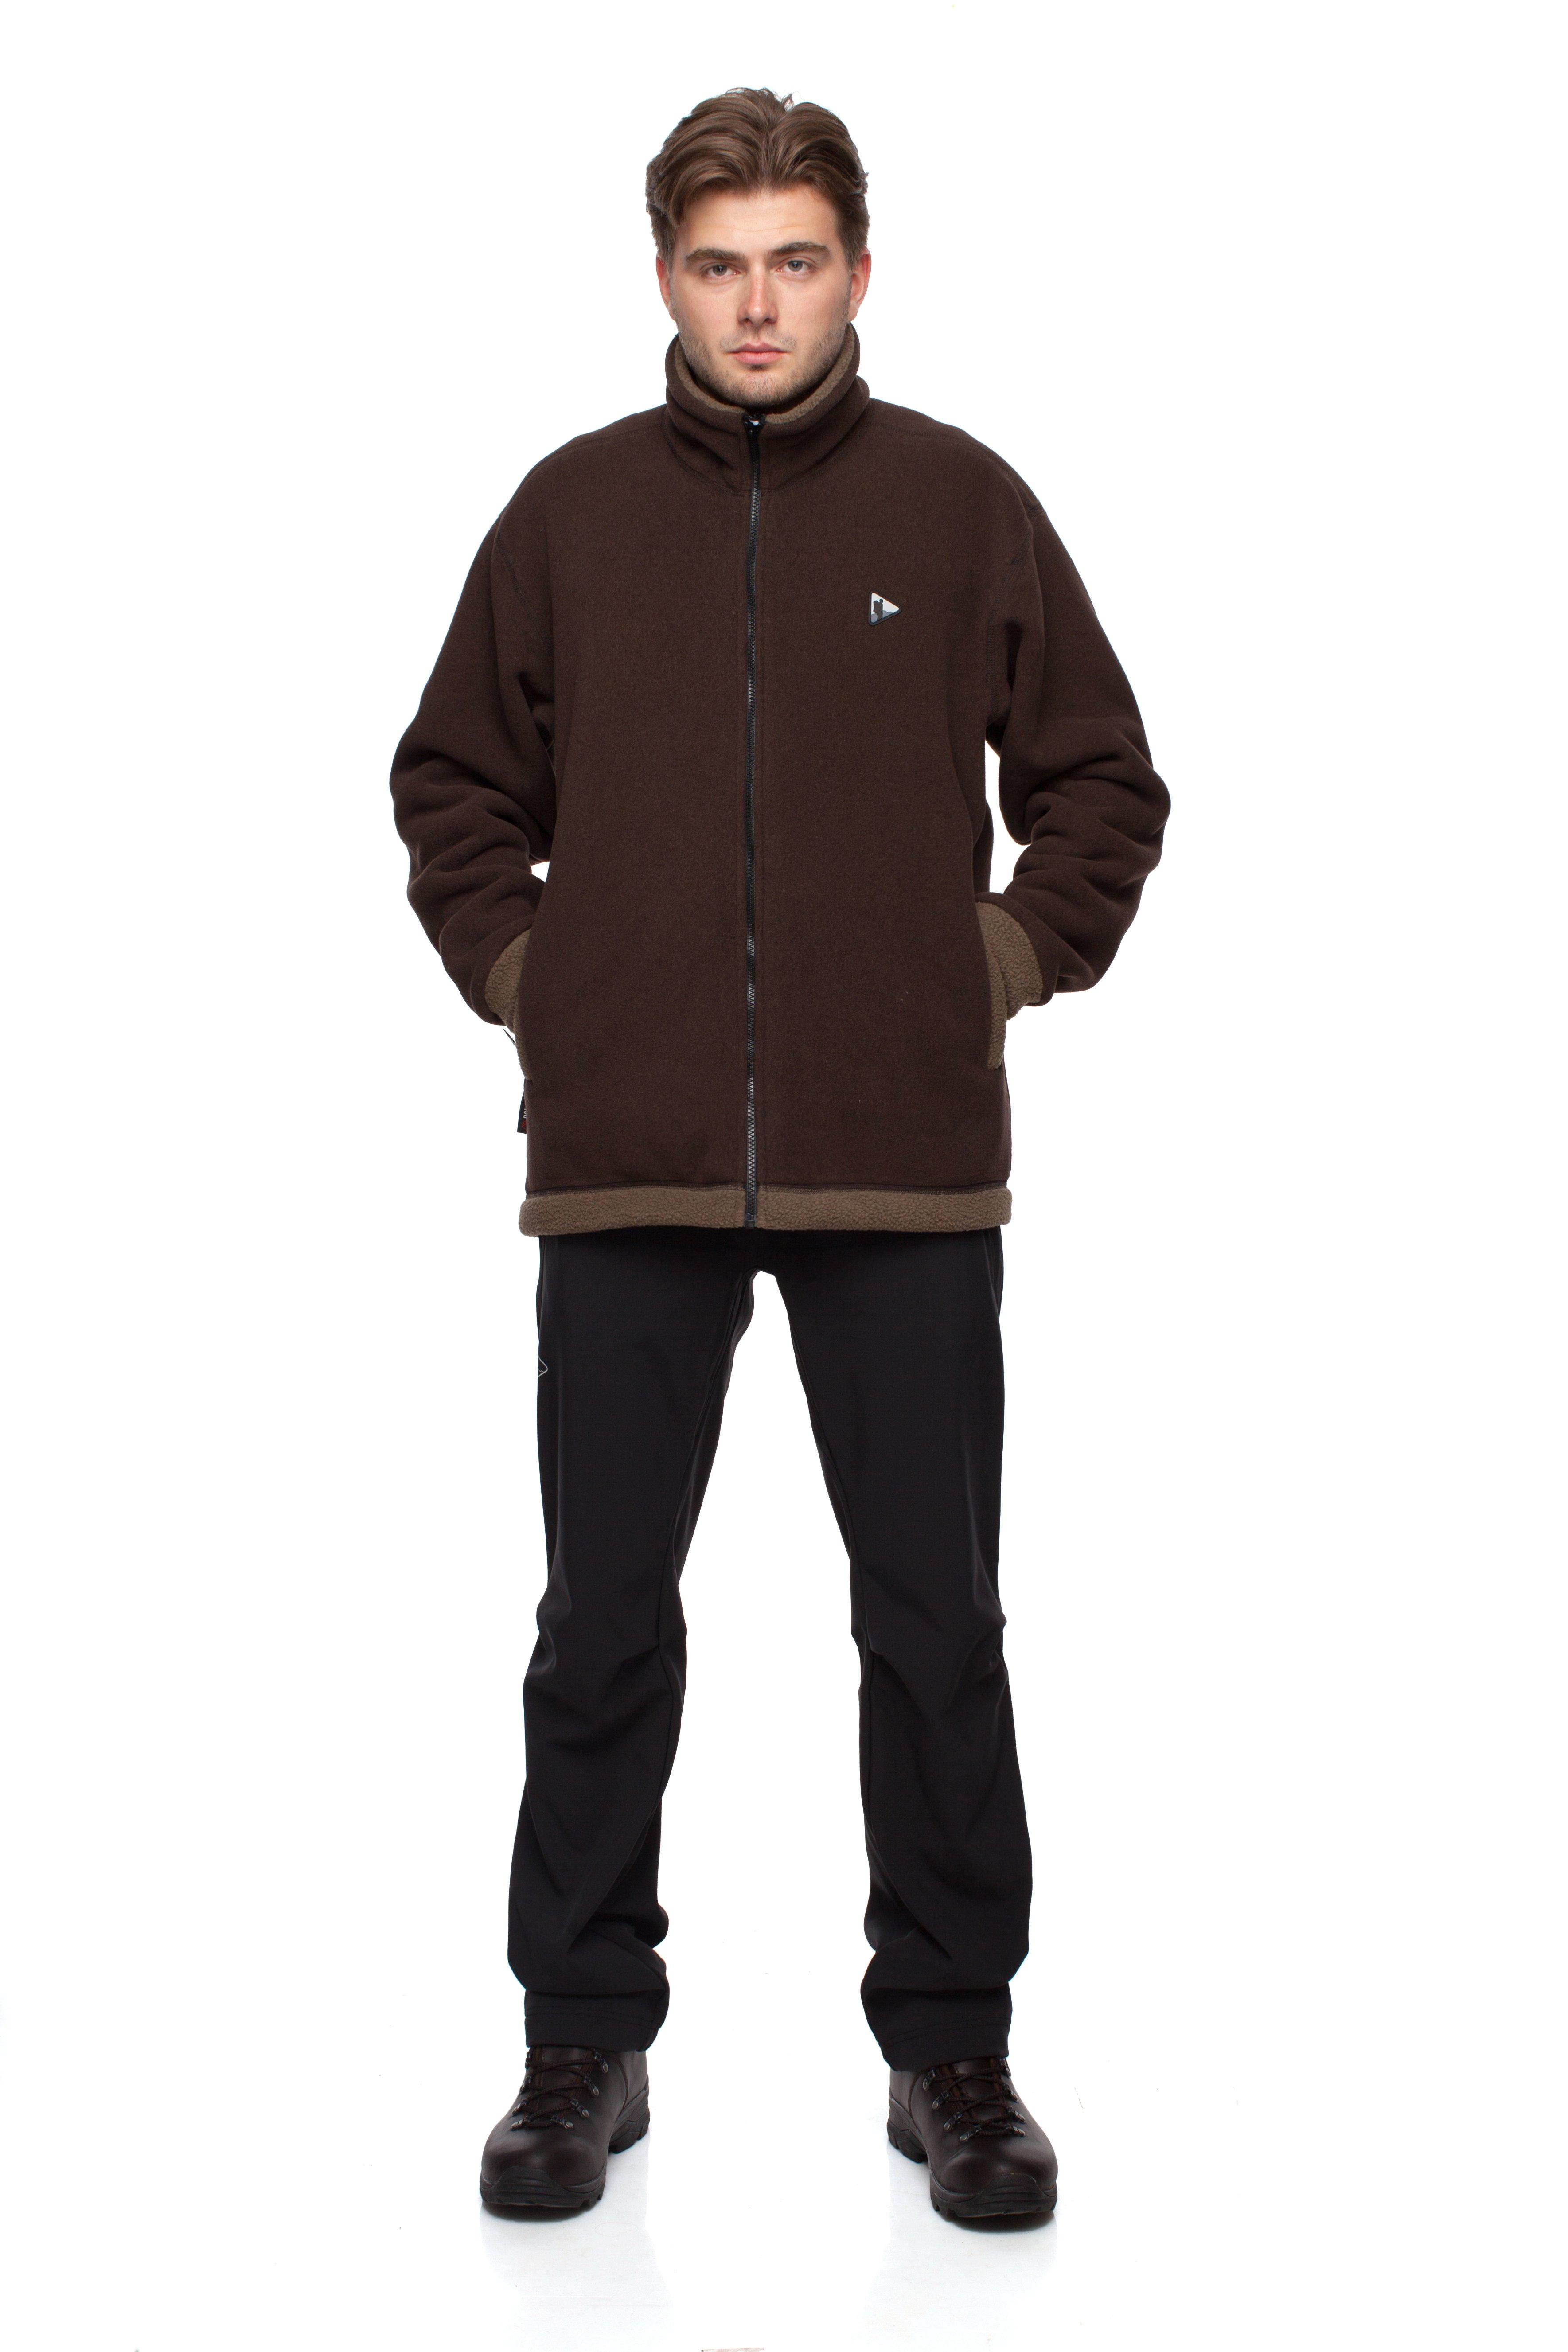 Куртка BASK GUDZON 655Куртка из ткани Polartec® Classic® - 375, самой теплой в серии Polartec®. Повышенная относительно ткани Polartec® 200 ветроустойчивость, ворсистая внутренняя поверхность сохраняет тепло. Для достижения максимального комфорта применена технология плоские швы.<br><br>Боковые карманы: 2<br>Вес граммы: 810<br>Ветрозащитная планка: Да<br>Внутренние карманы: 2<br>Материал: Polartec® Classic® 375<br>Материал усиления: нет<br>Пол: Муж.<br>Регулировка вентиляции: Нет<br>Регулировка низа: Да<br>Регулируемые вентиляционные отверстия: Нет<br>Тип молнии: однозамковая<br>Усиление контактных зон: Нет